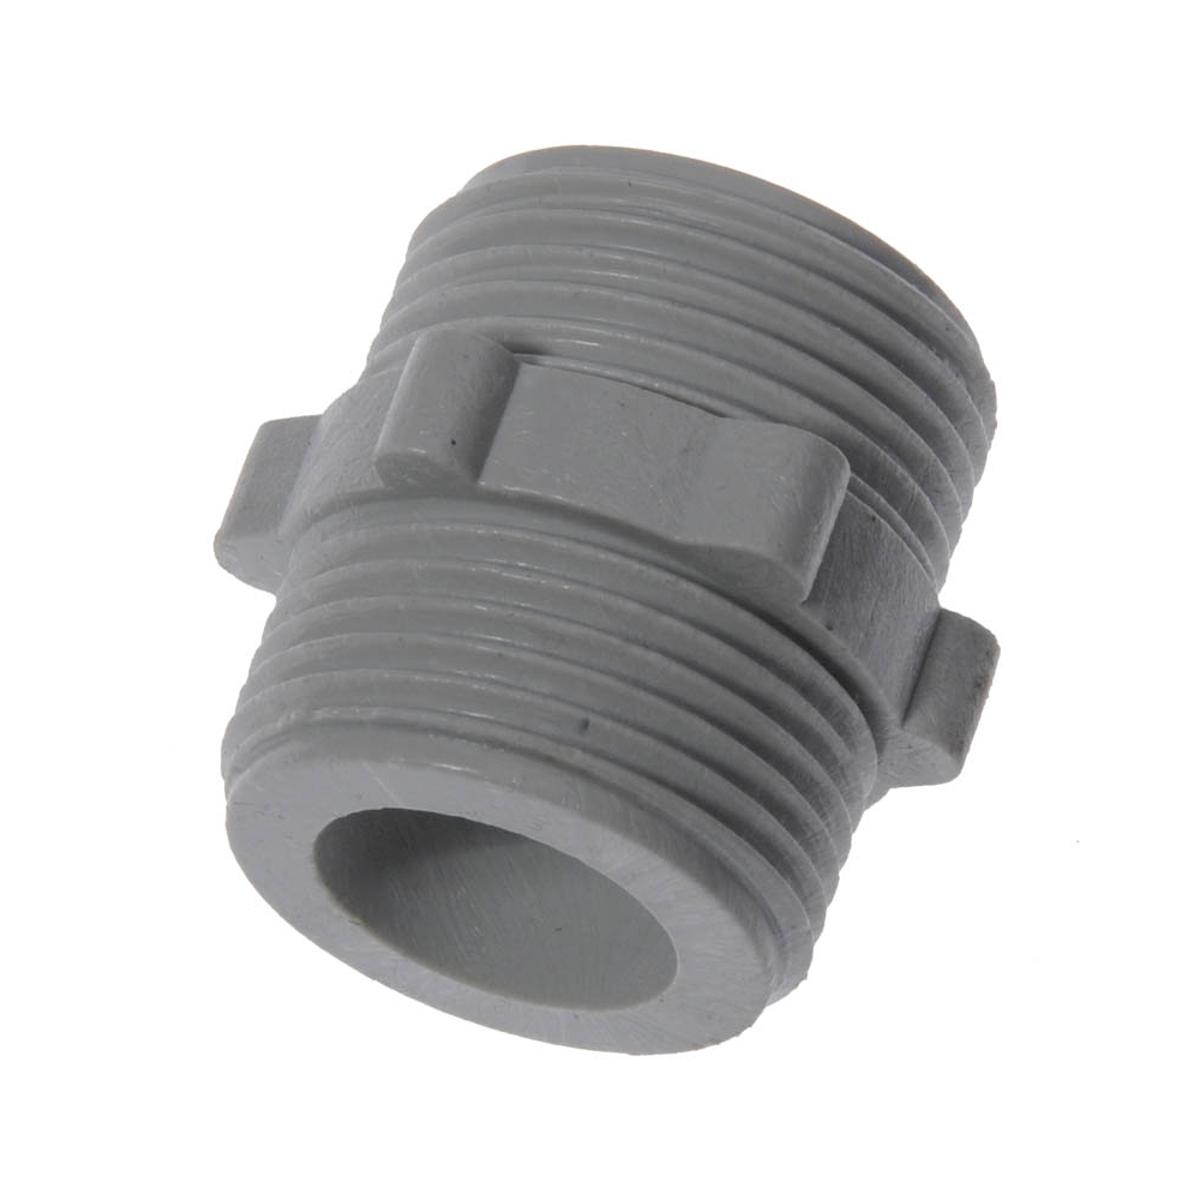 Ниппель 3/4 пластик, наружная резьба МастерПрофИС.130482Ниппель (боченок) пластиковый представляет из себя соединительную трубку, предназначенную для временного или постоянного герметичного соединения двух заливных шлангов друг с другом.Размер: 3/4 (20 мм).Материал: пластик.Цвет: белый.